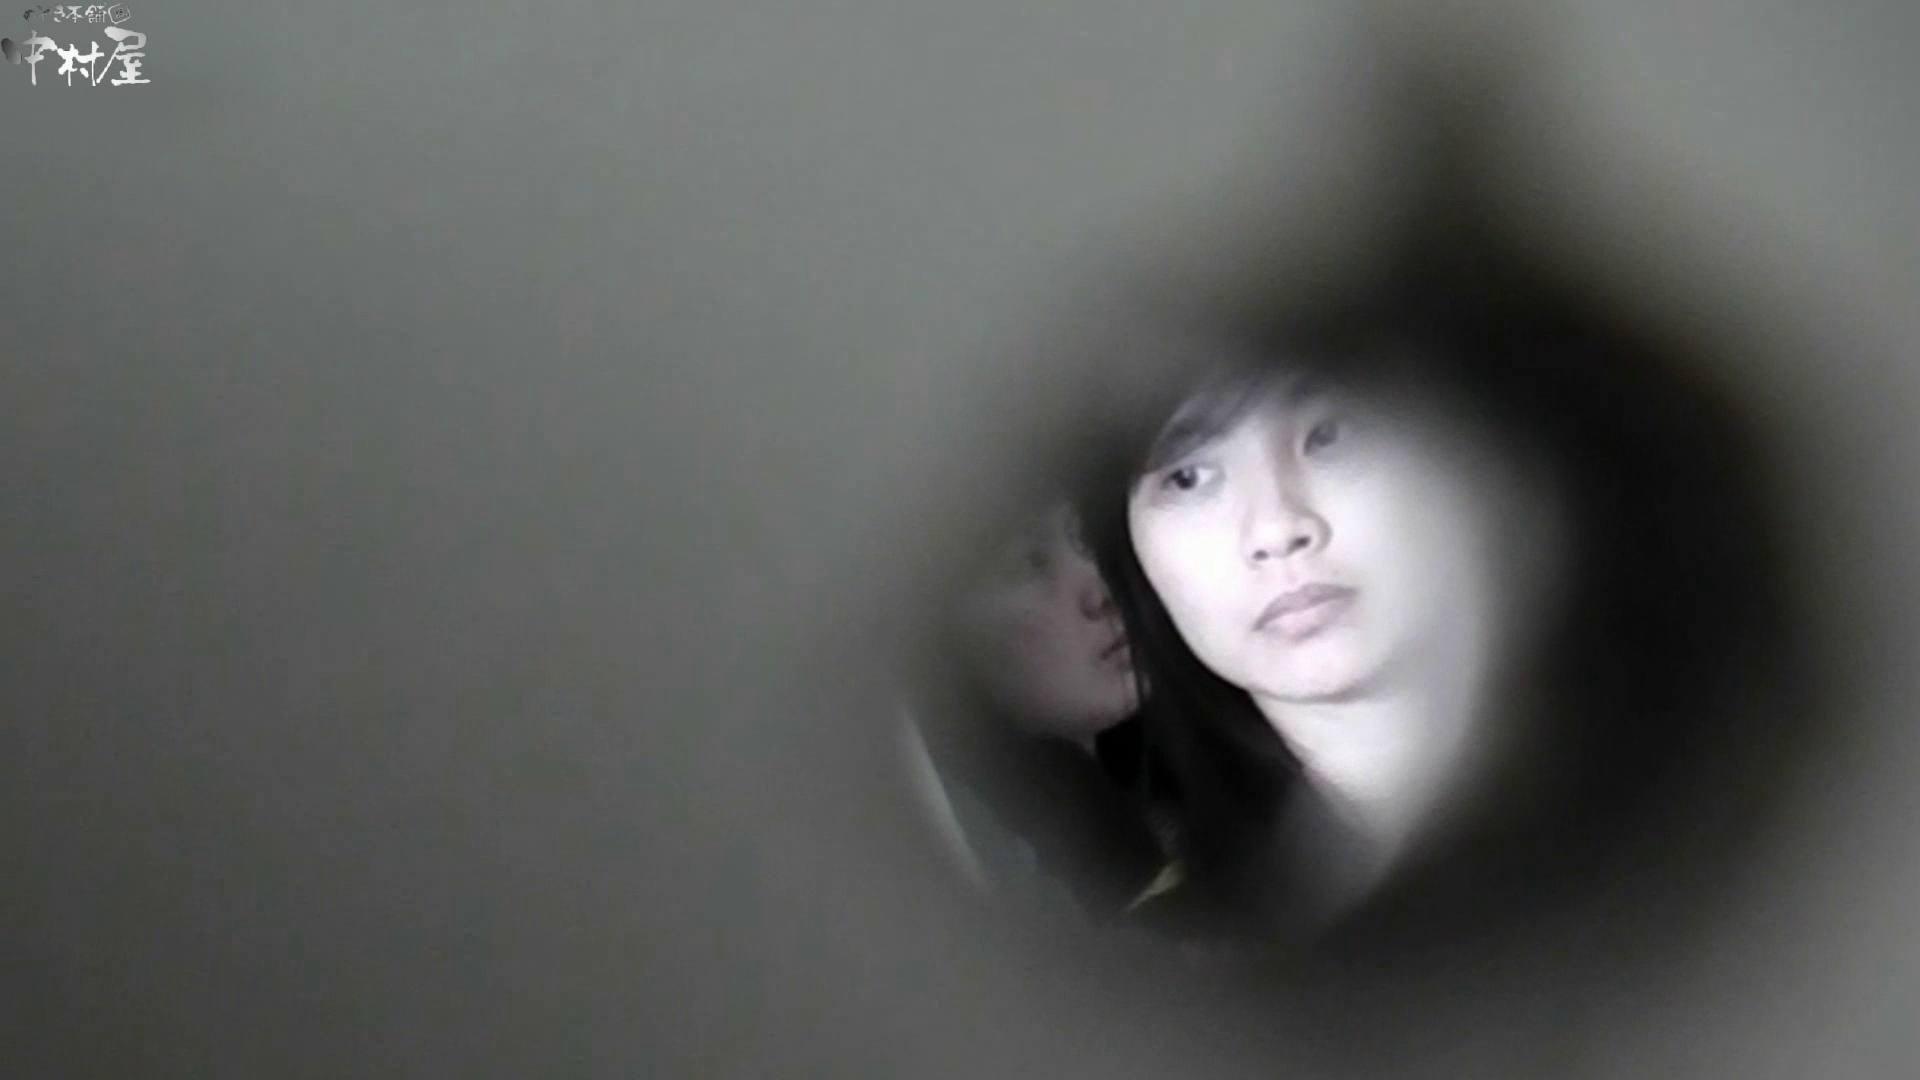 お市さんの「お尻丸出しジャンボリー」No.10 トイレの中の女の子 オマンコ無修正動画無料 88連発 31